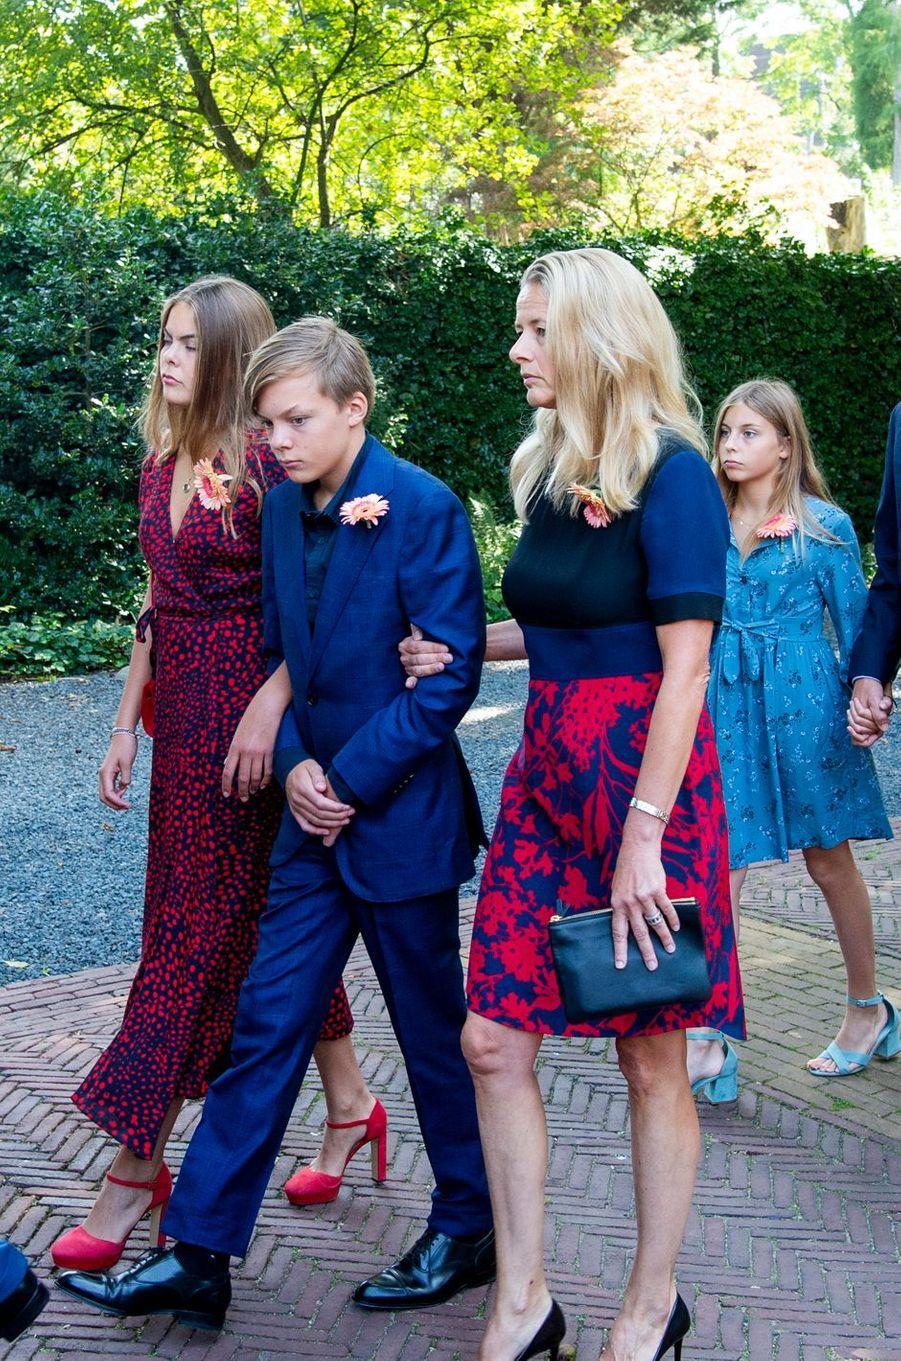 La princesse Mabel des Pays-Bas, avec la fille aînée et le fils du prince Constantijn et de la princesse Laurentien aux funérailles de la princesse Christina à La Haye, le 22 juin 2019